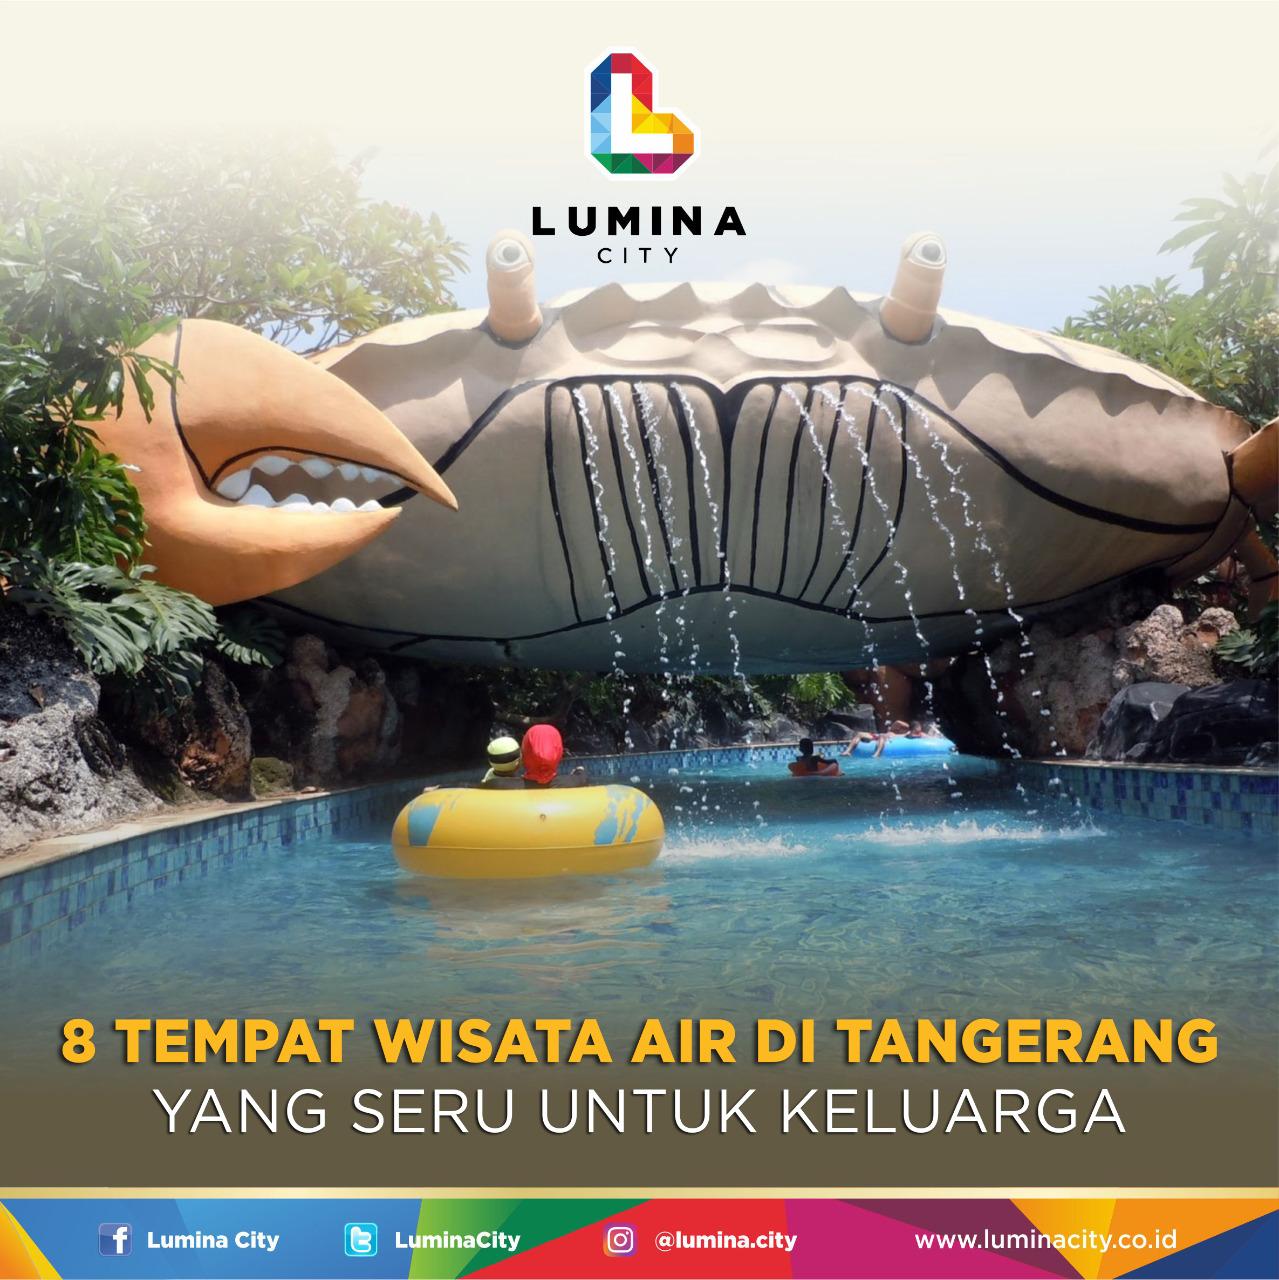 Wisata Tangerang, Tempat Wisata Air, Tempat Liburan Tangerang